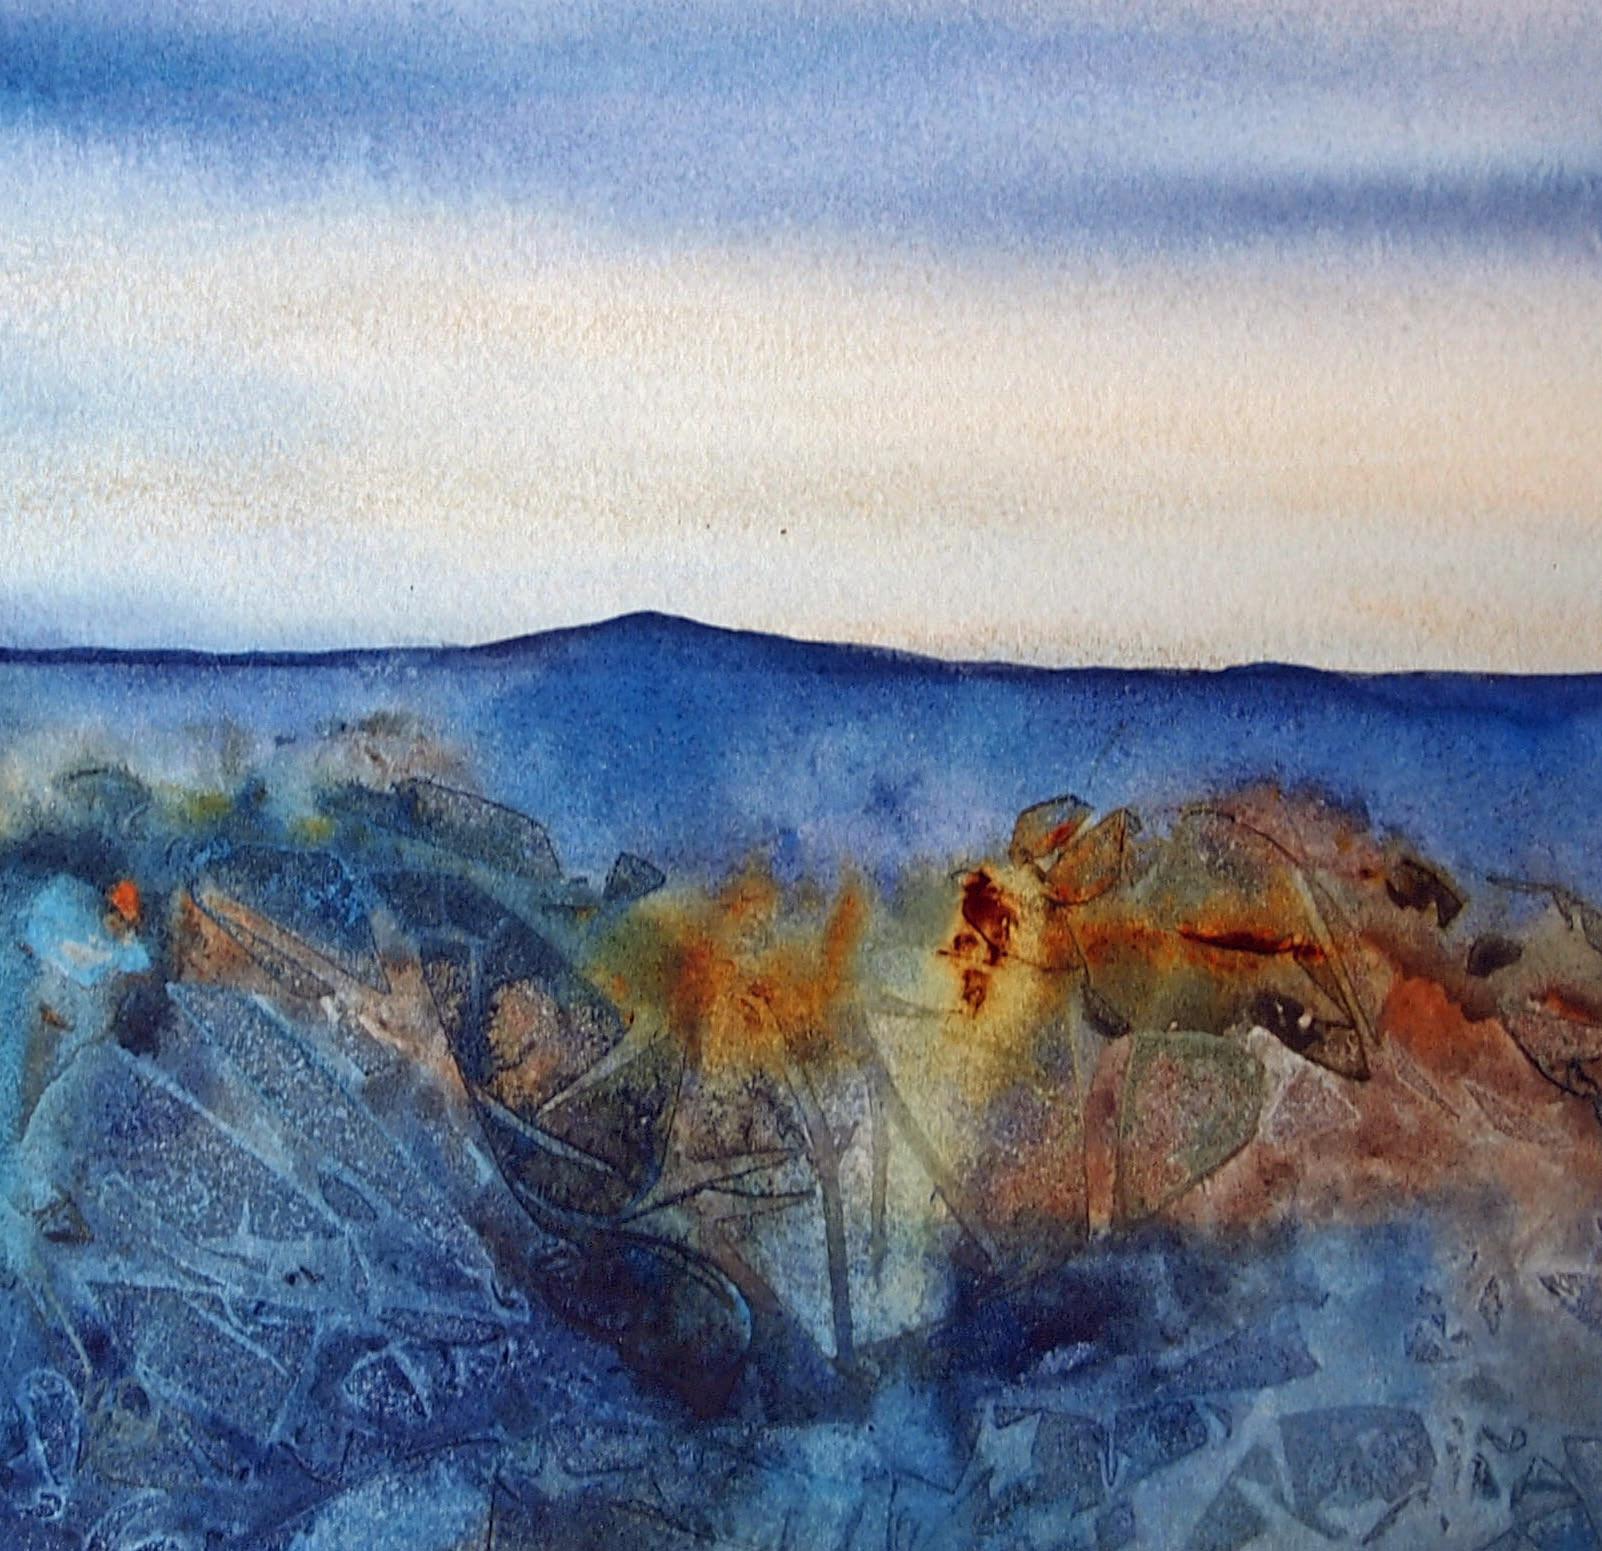 Cling Film Watercolour Technique Jackson S Art Blog